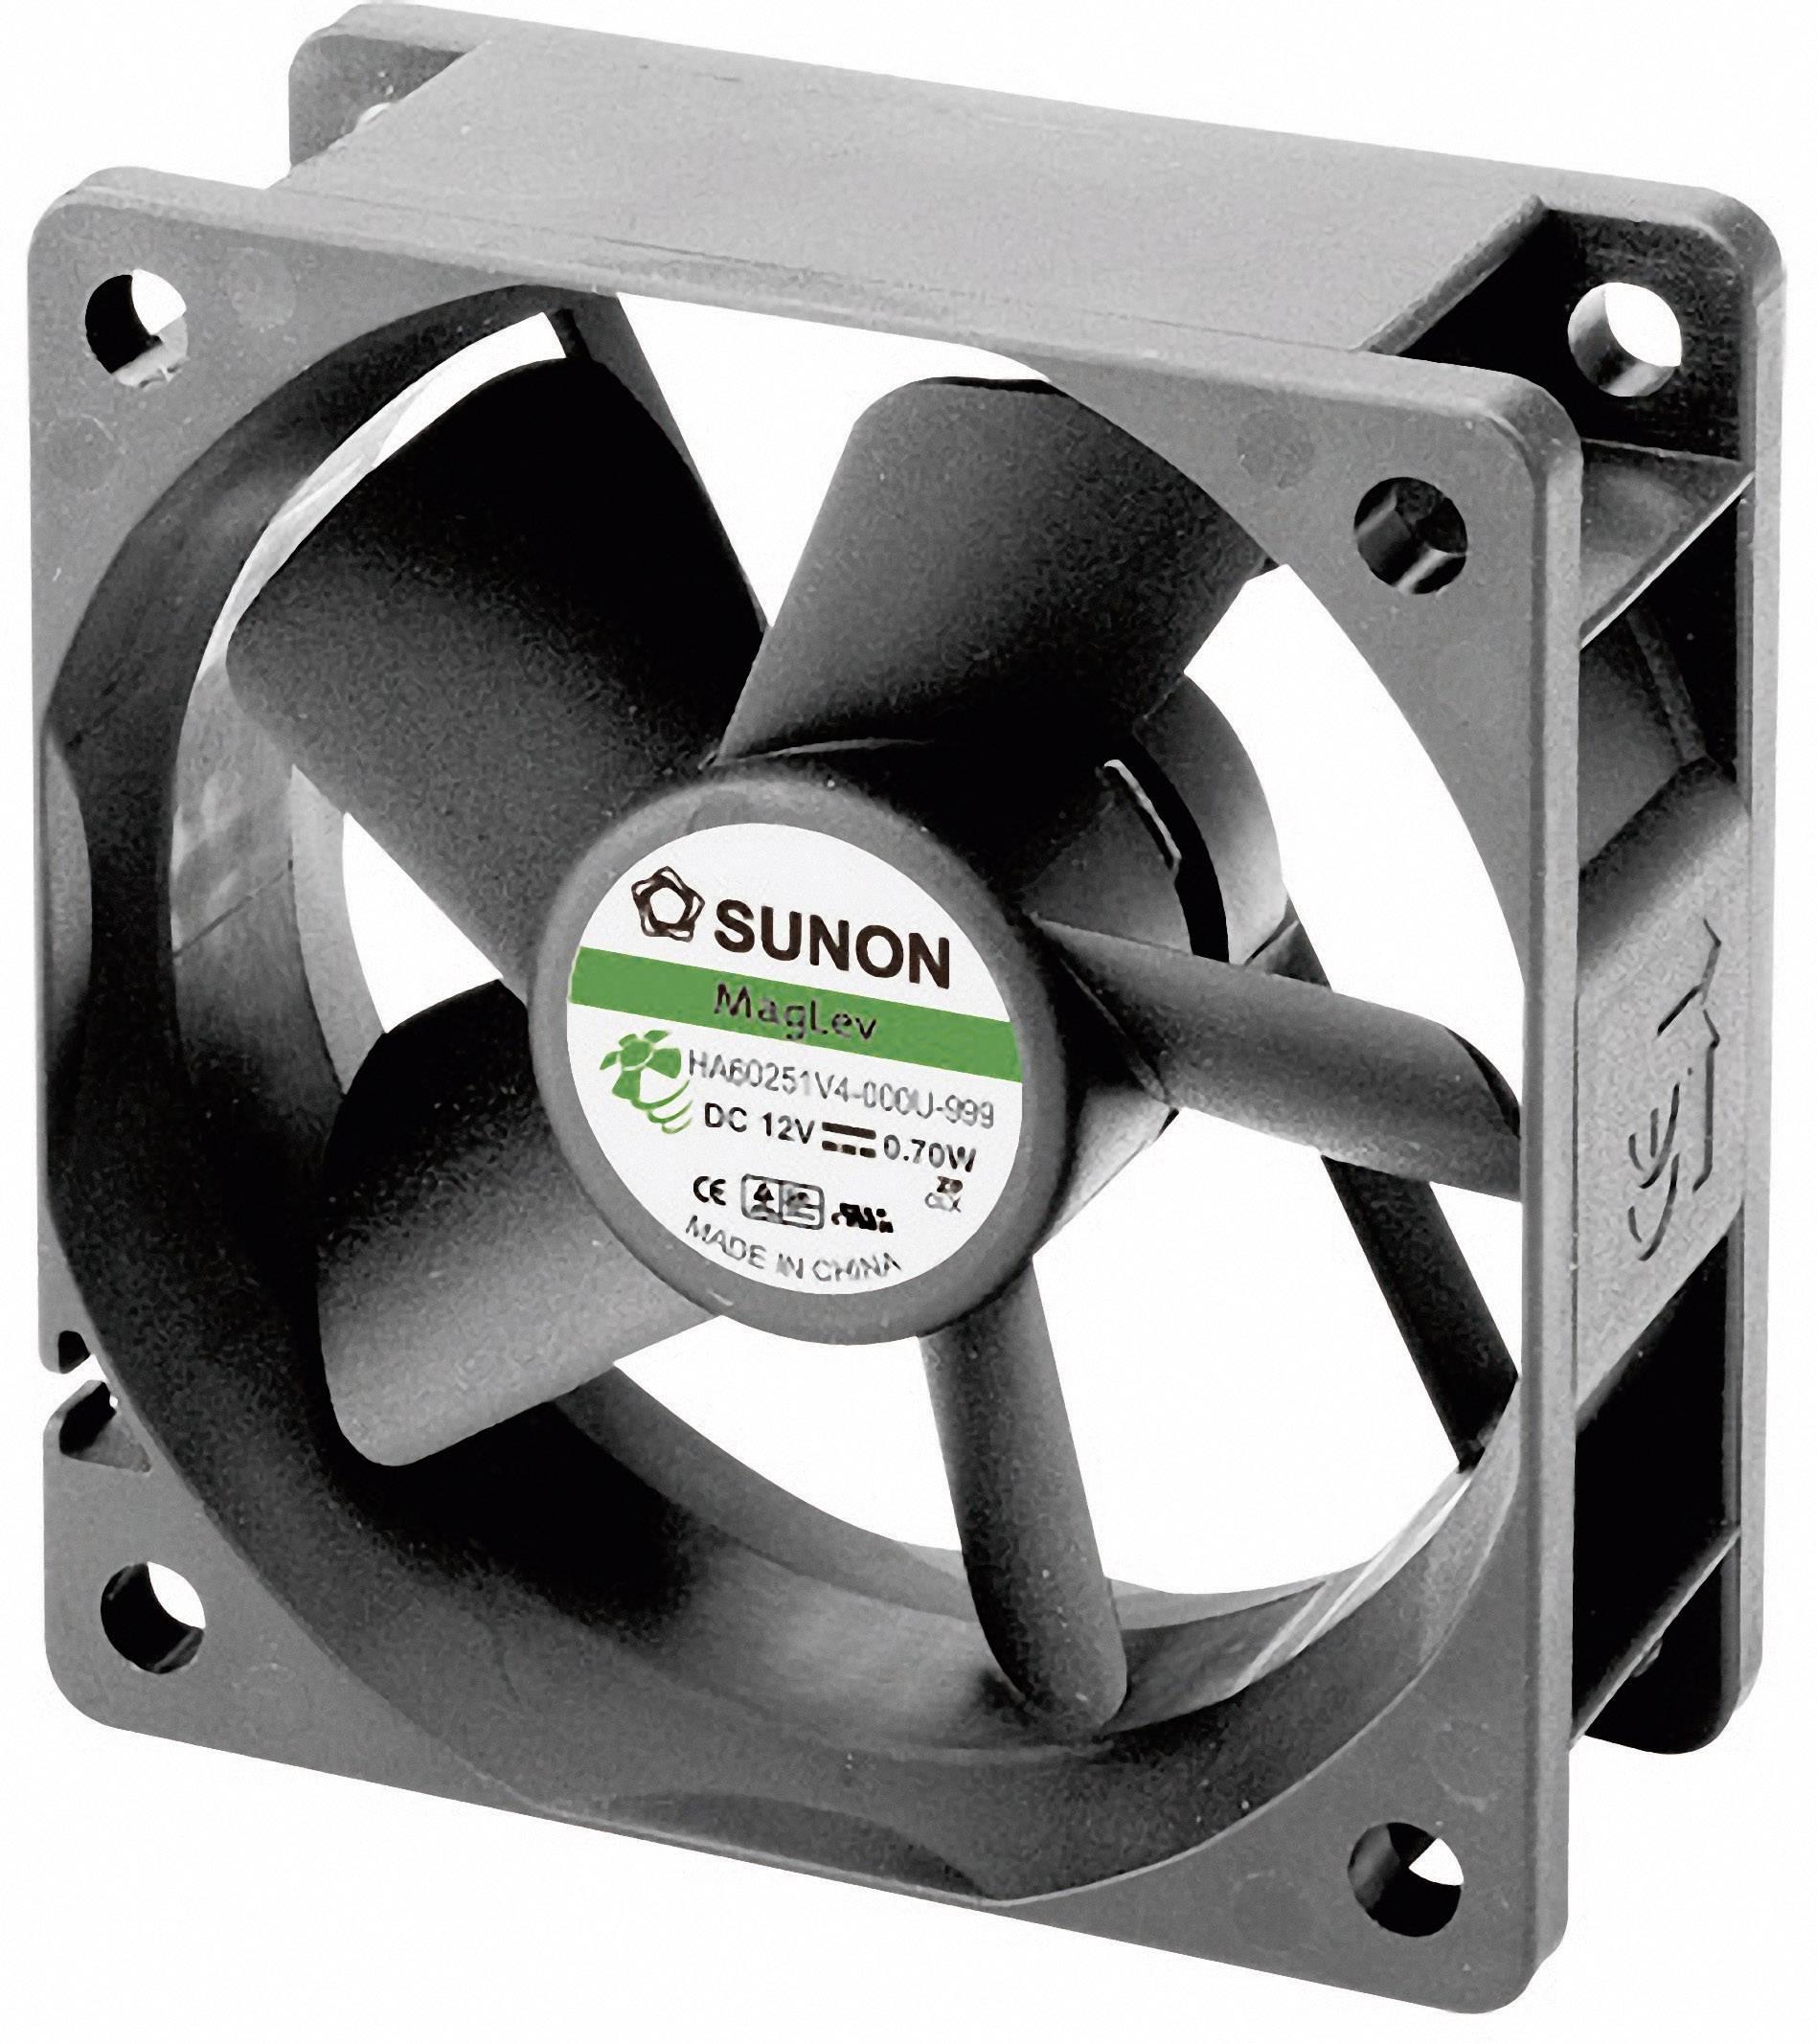 Ventilátor Sunon DR HA60151V4-0000-999, 60 x 60 x 15 mm, 12 V/DC